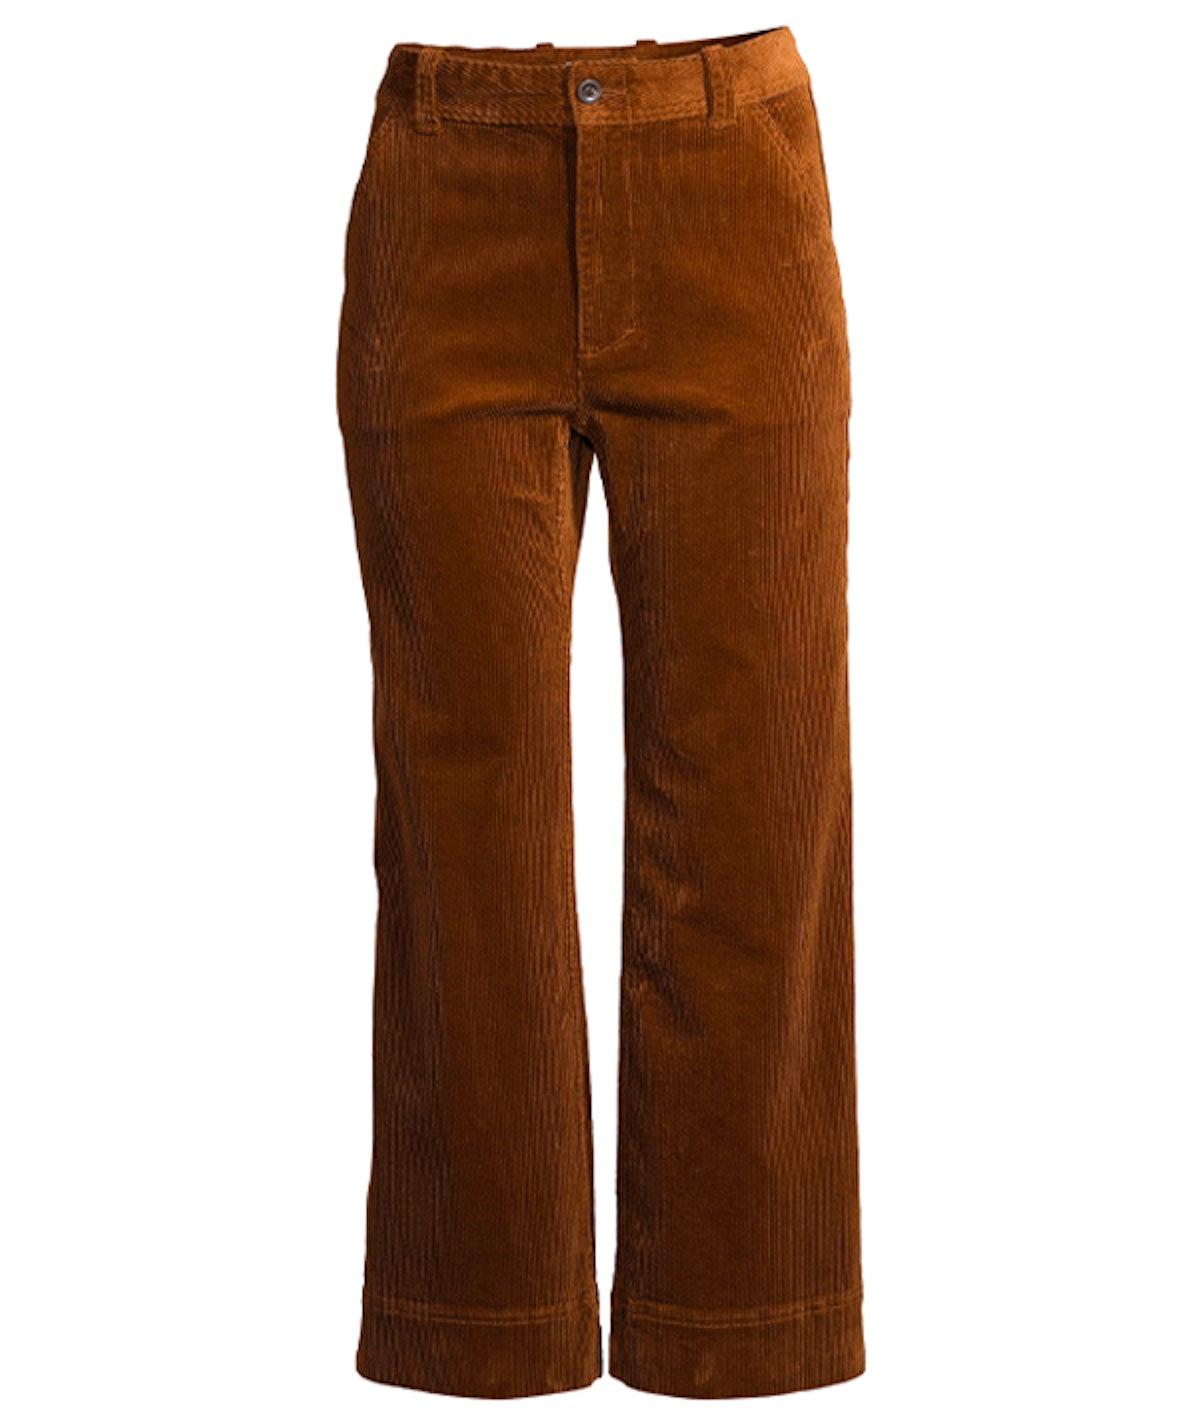 Corduroy Wide-Leg Utility Pants